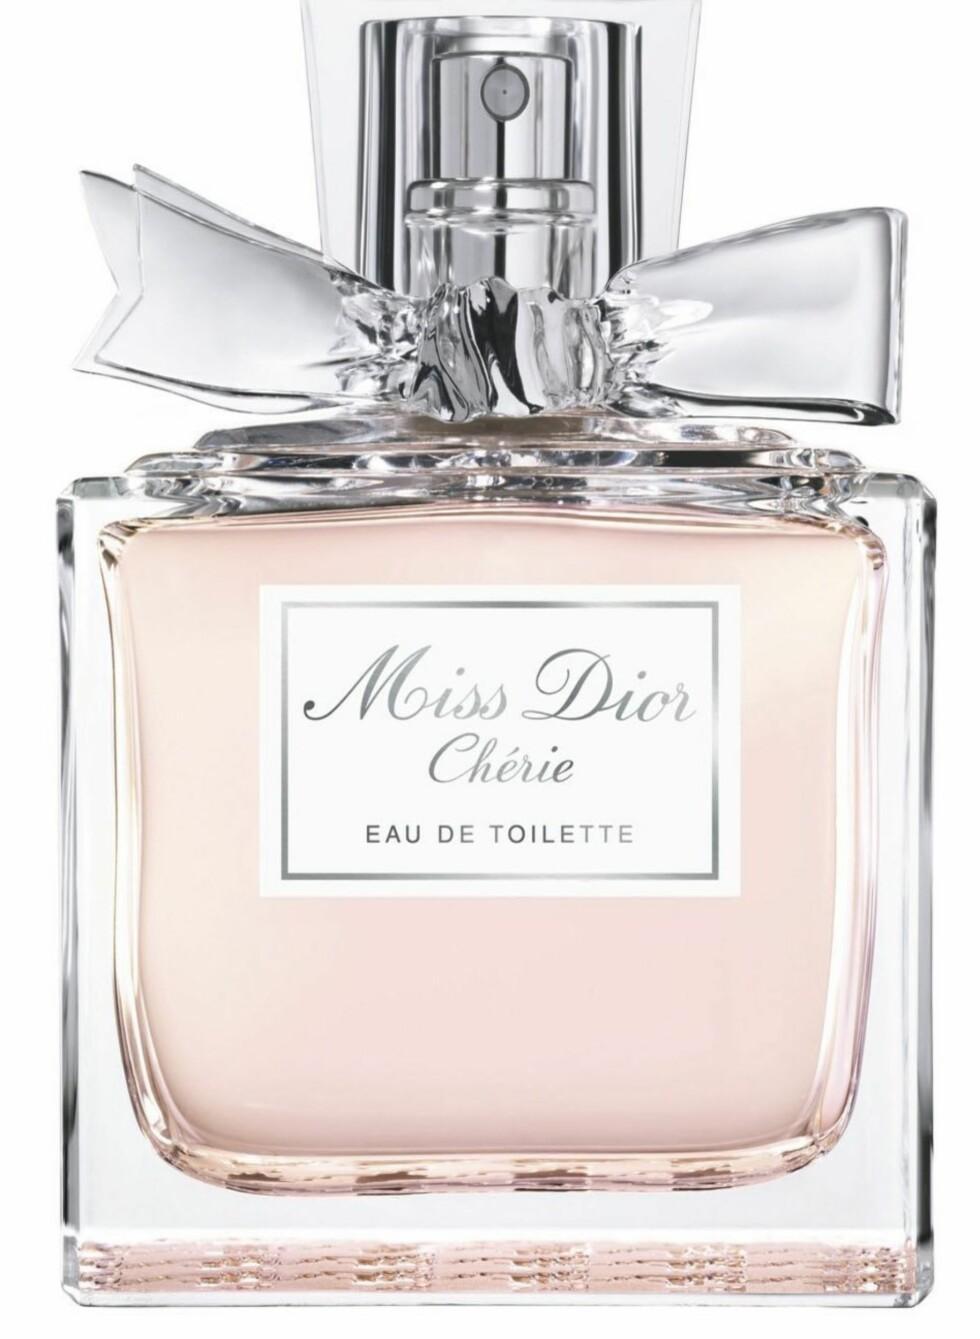 Når våren kommer er det deilig med en ny og friskere duft. De tunge, krydrede duftene hører kvelden og mørket til. Miss Dior Chérie Eau de Toilette, derimot, er en drømmende floral couture-duft med noter avappelsinblomst  blodappelsin-essens og Neroli. Blomstersymfonien fortsetter med tyrkisk rose, gardenia, jasmin, Ylang-ylang og grønne noter av Patchouli (Miss Dior Chérie EdT/50 ml, kr 610).